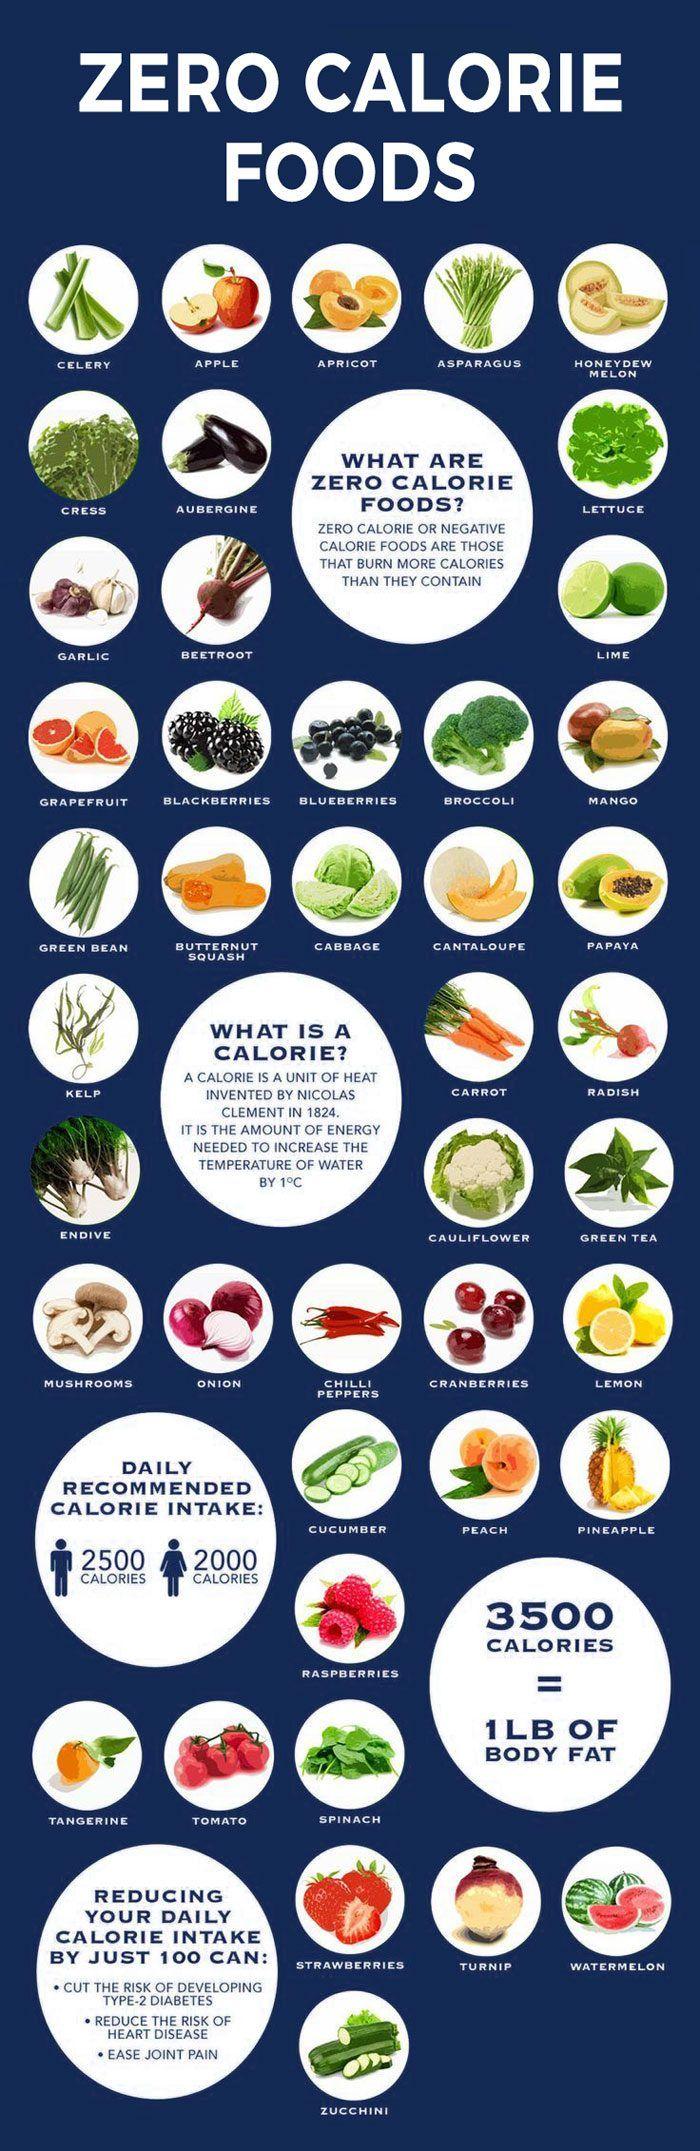 Best FatBurning Foods Zero Calorie Foods  Ernhrung